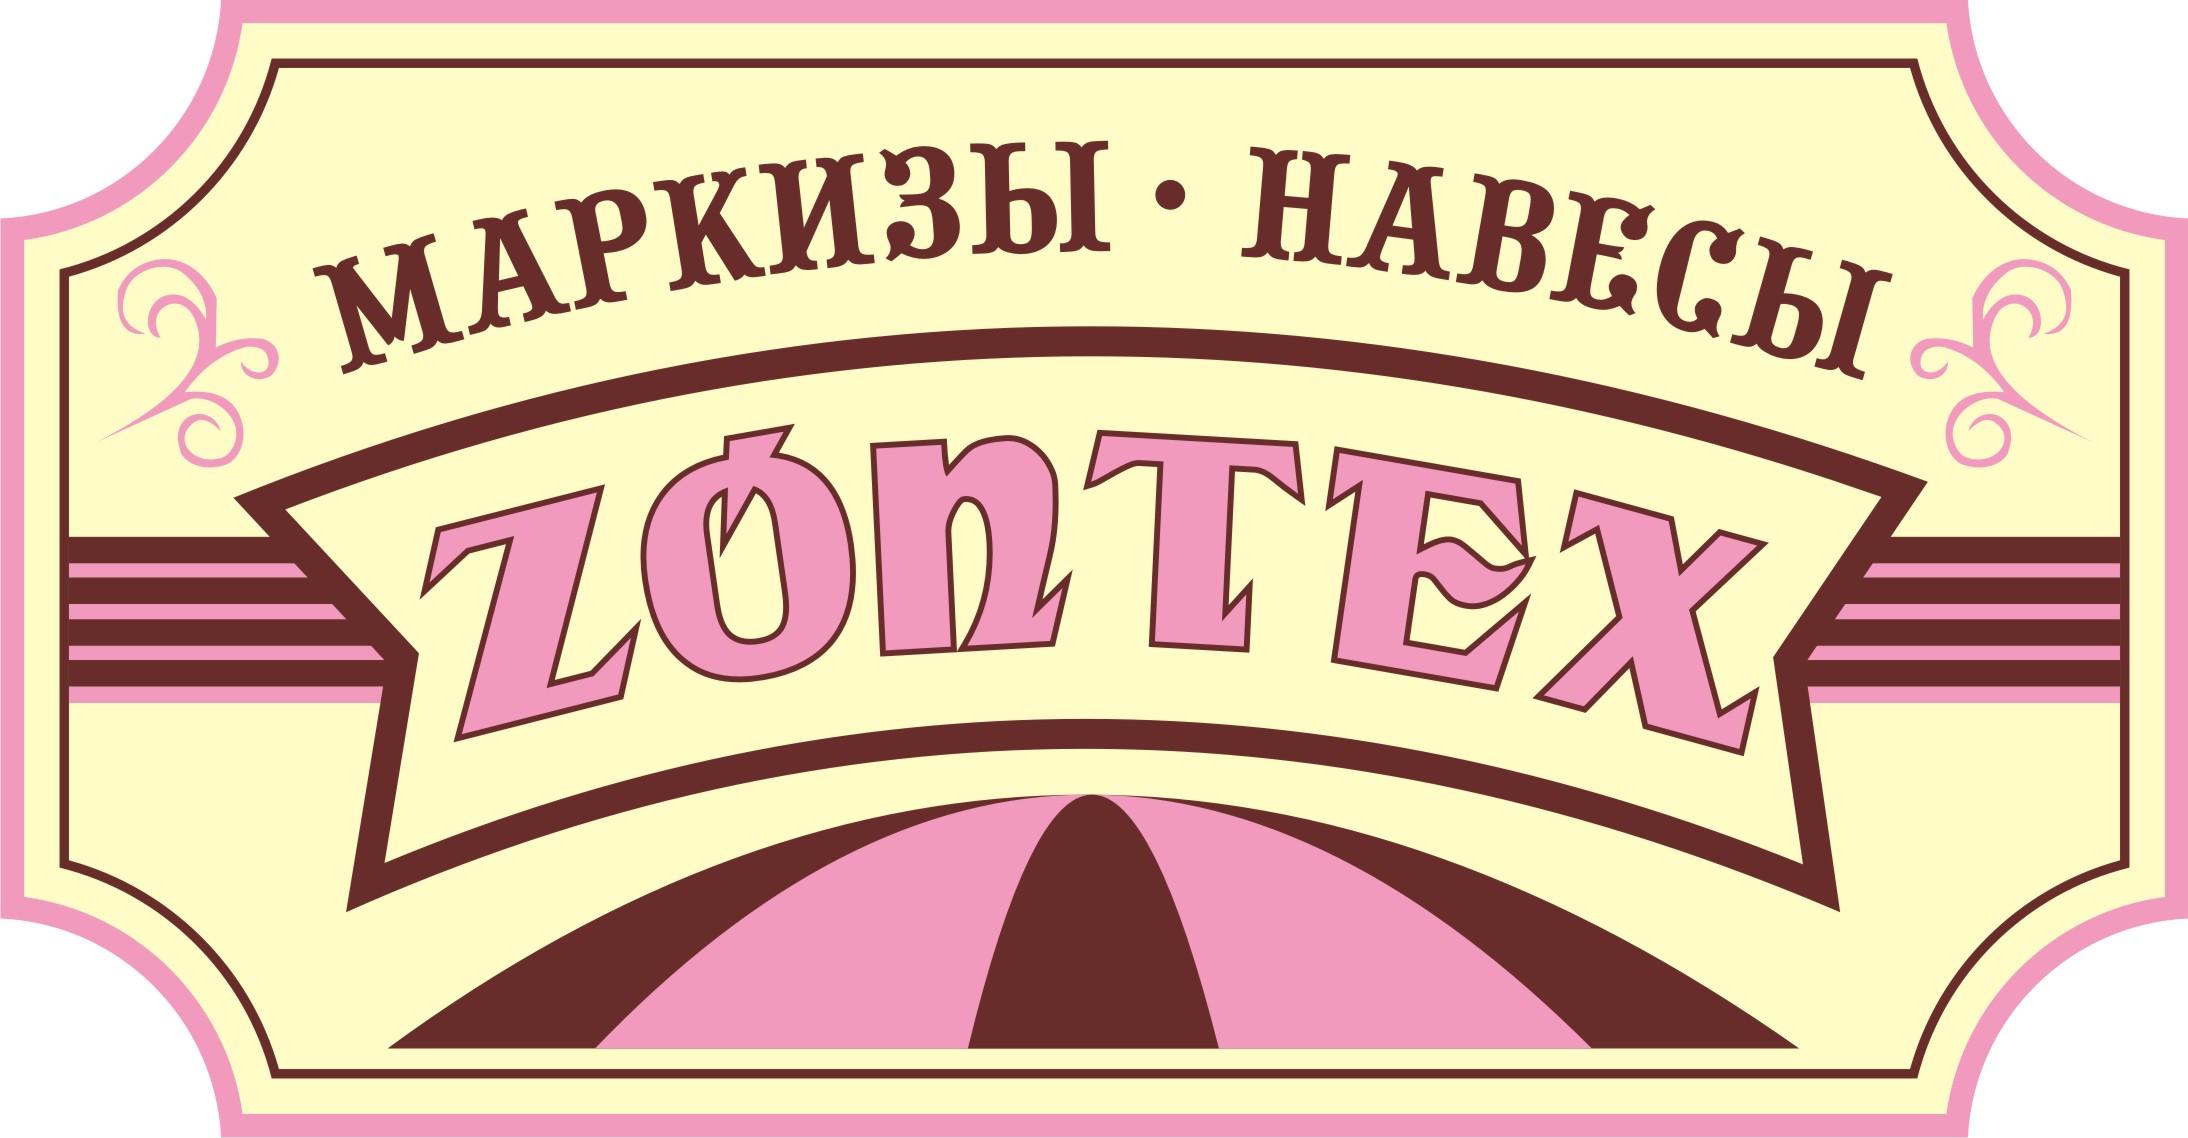 Логотип для интернет проекта фото f_8255a2f74eadd098.jpg